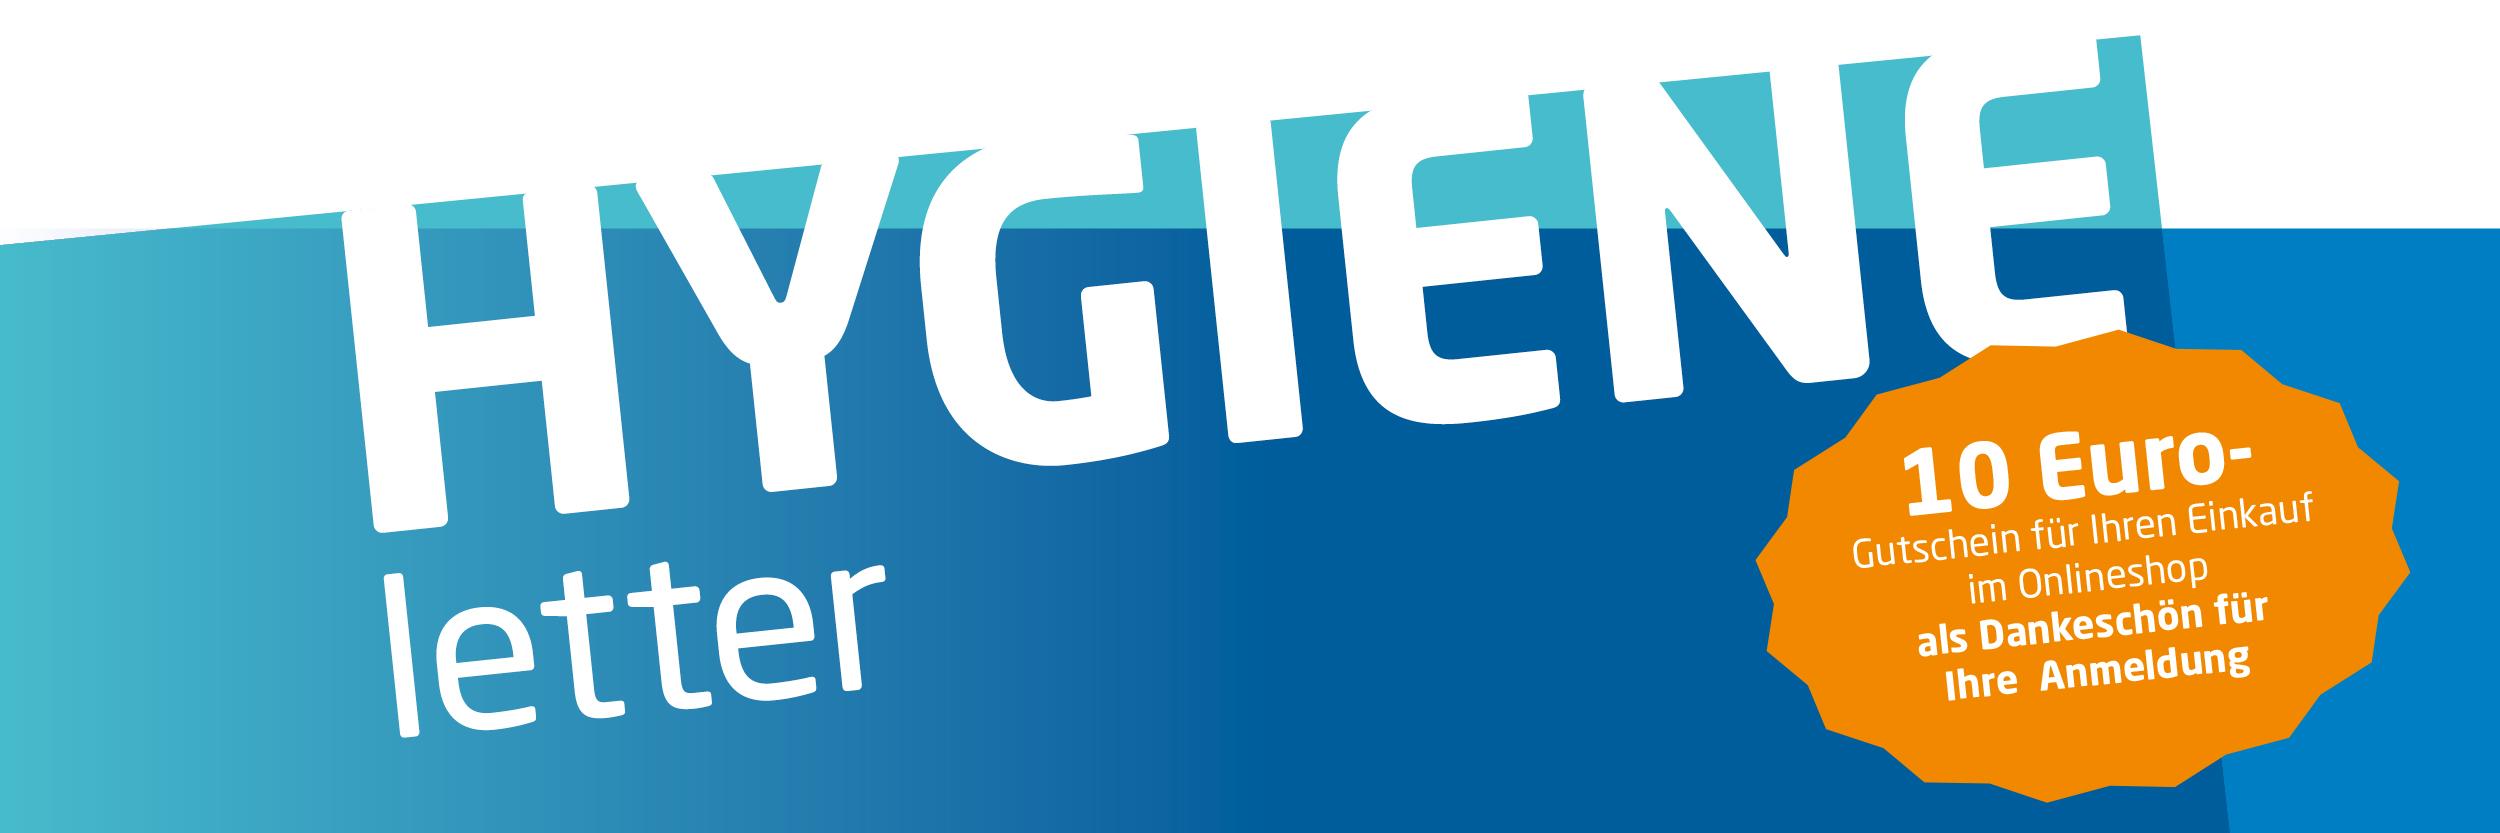 HYGIENE_letter_Banner_Gutschein_Incentive